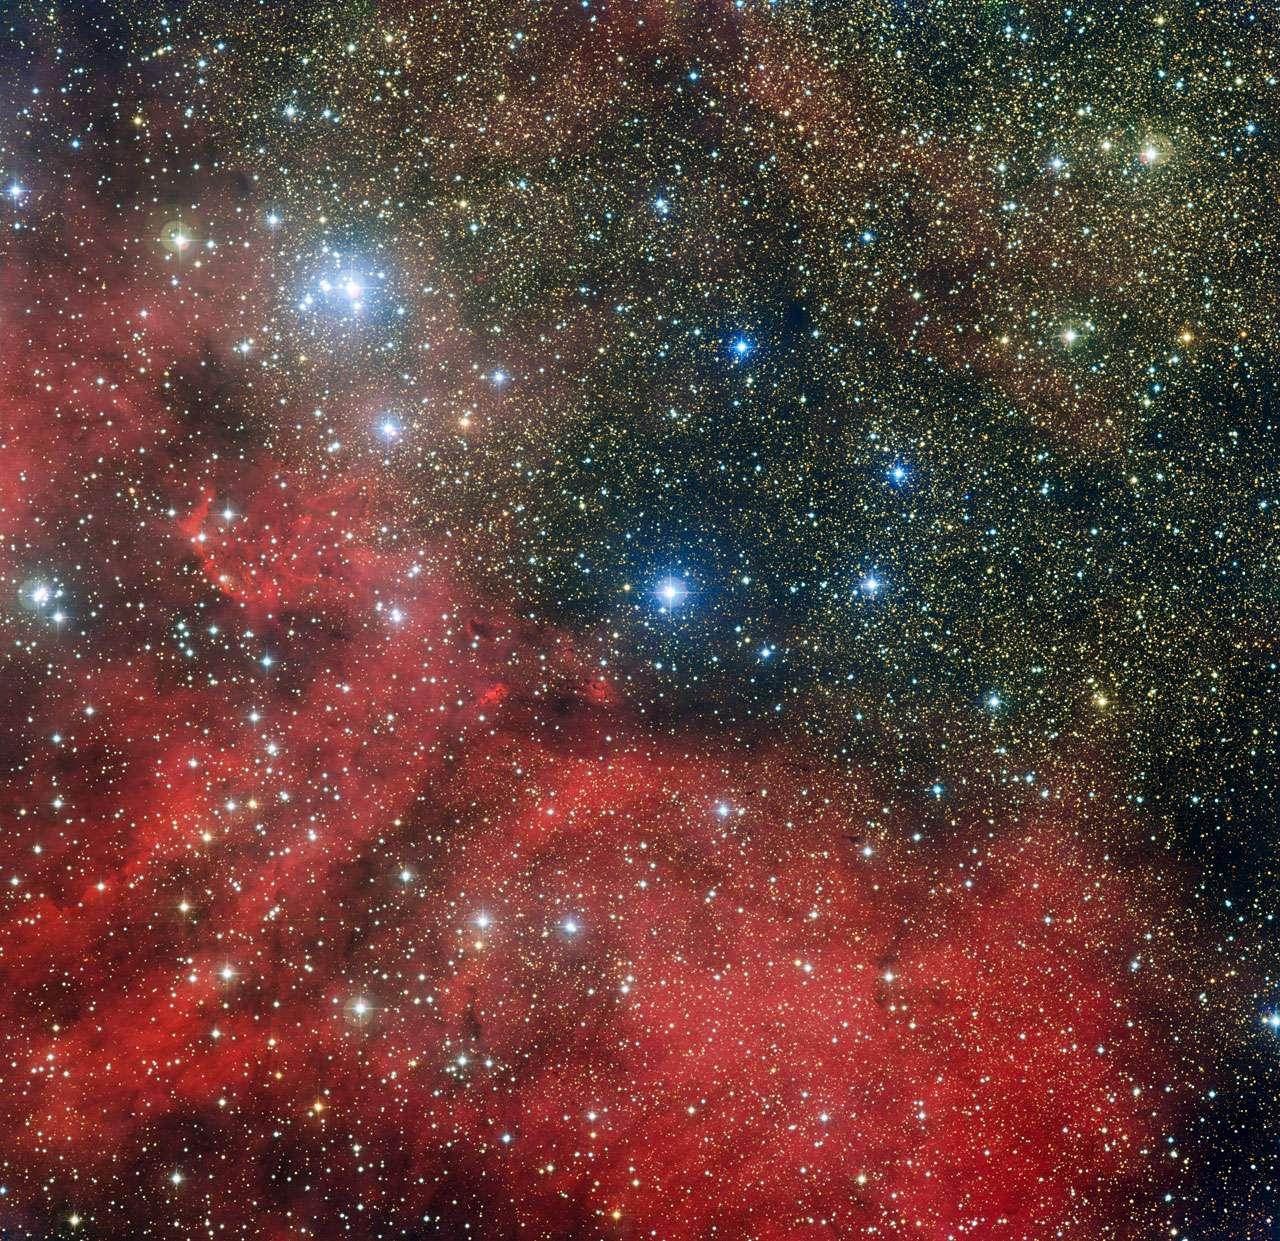 L'amas d'étoiles NGC 6604 est dévoilé sur cette nouvelle image prise avec la caméra WFI installée sur le télescope MPG/ESO de 2,2 mètres de l'Observatoire La Silla au Chili. NGC 6604 est le groupement lumineux qui s'étend en haut à gauche de l'image. C'est un jeune amas d'étoiles qui constitue la partie la plus dense d'un groupe plus largement étendu contenant environ une centaine d'étoiles bleuâtres lumineuses. L'image montre également la nébuleuse associée à cet amas – un nuage d'hydrogène ionisé lumineux appelé Sh2-54 – ainsi que des nuages de poussière. © ESO